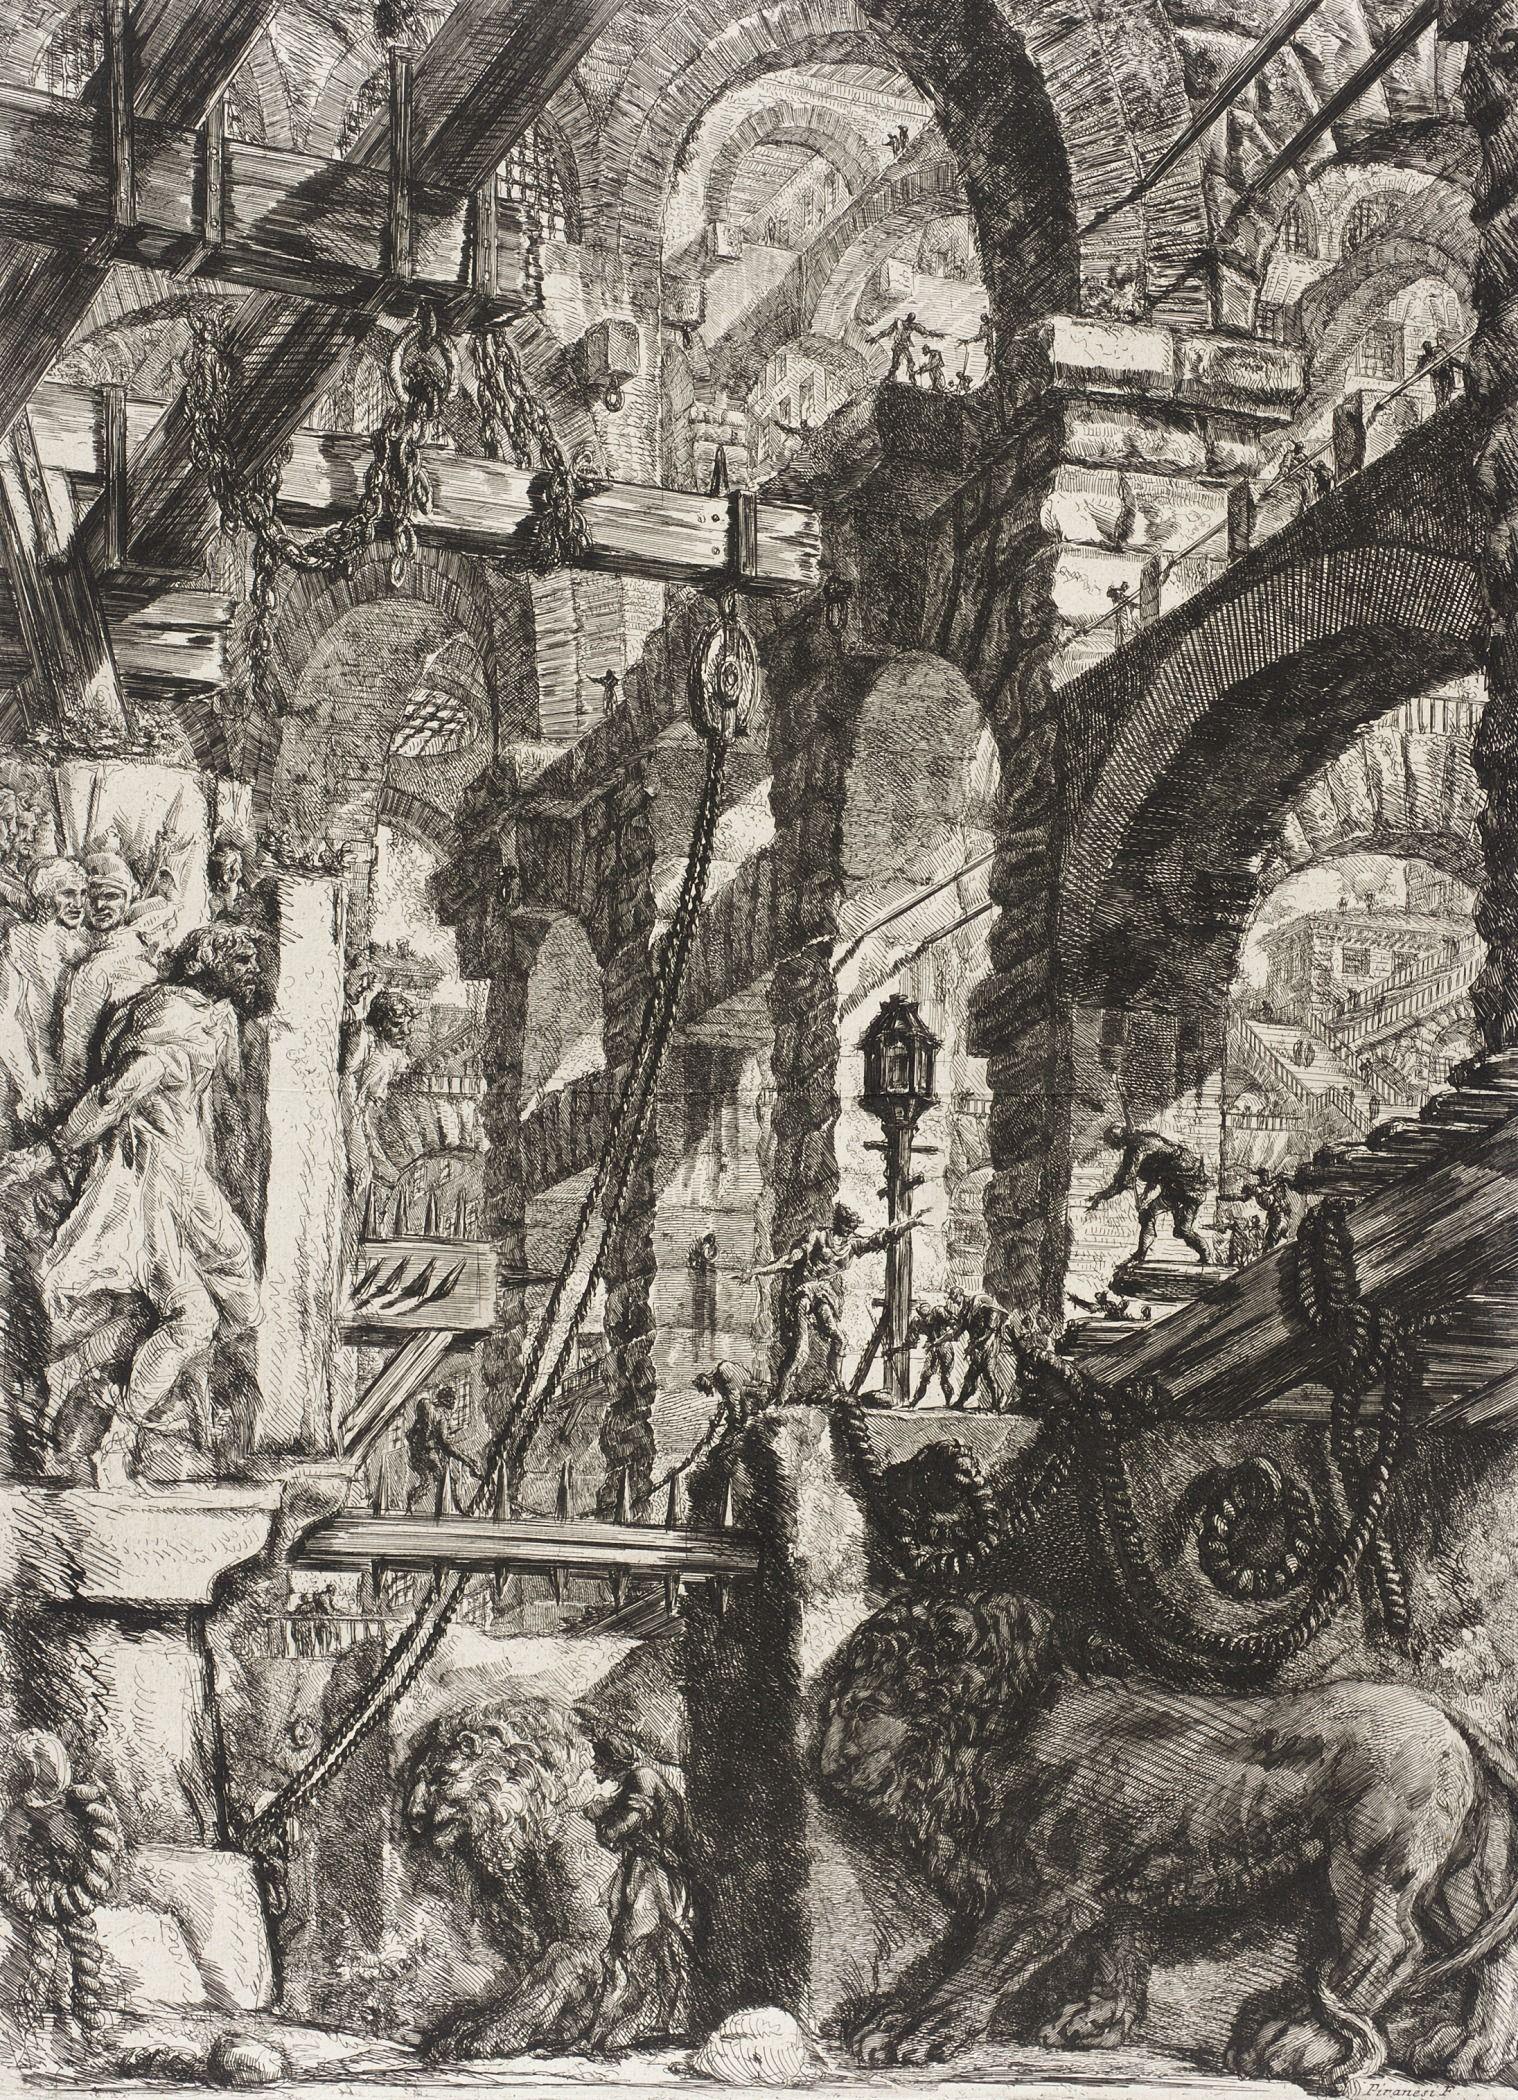 Piranesi-Carceri V-the Lion Bas Relief-1750